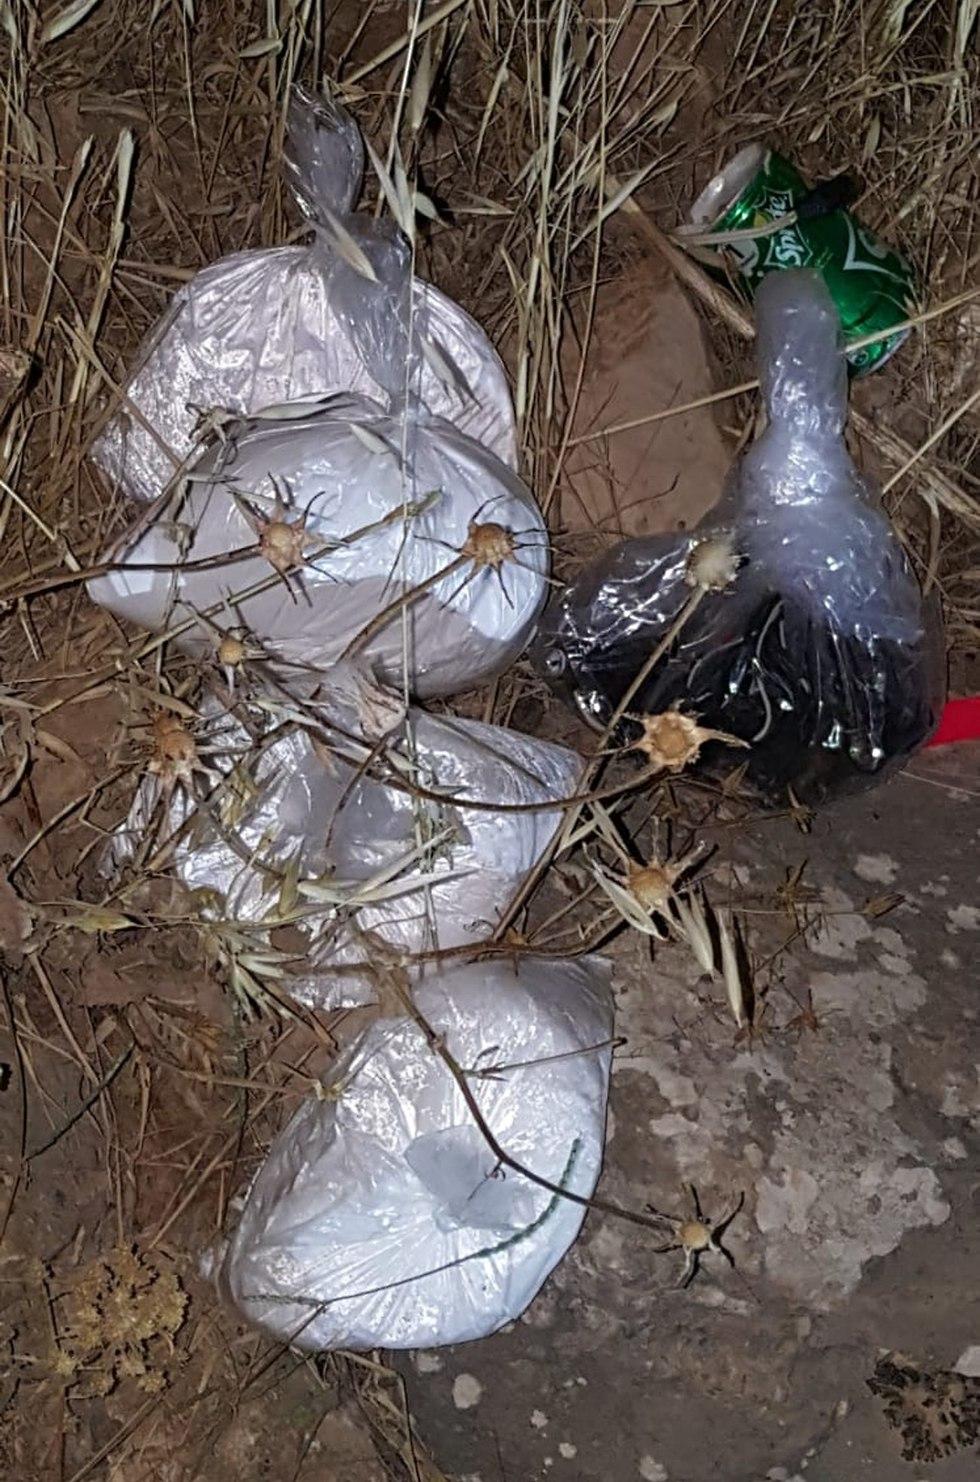 חומרי הנפץ שנתפסו באיזור שכם (צילום: דובר צה